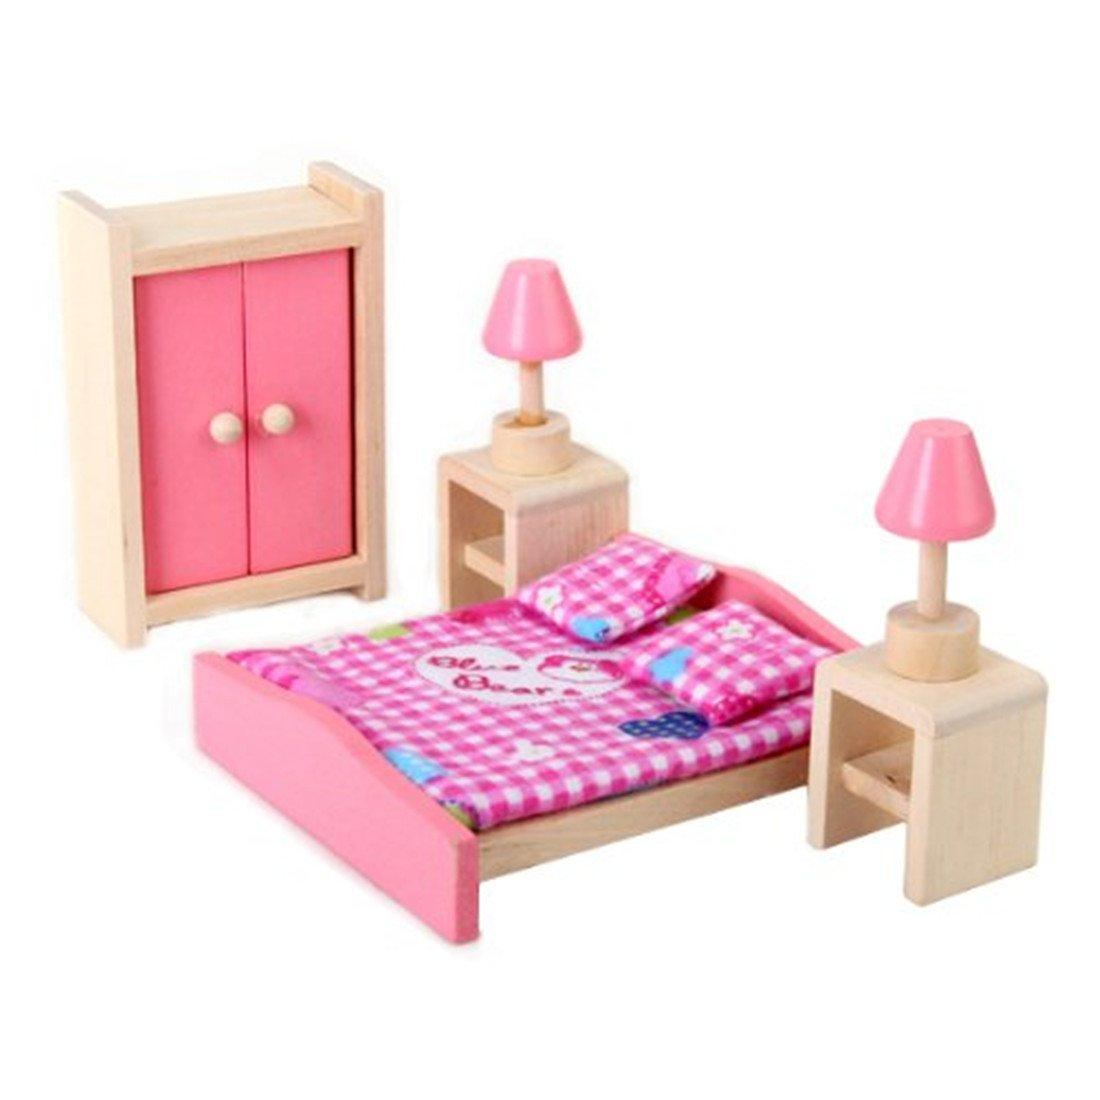 Мини Дети Деревянный Кукольный Домик Мебель Детская Спальня